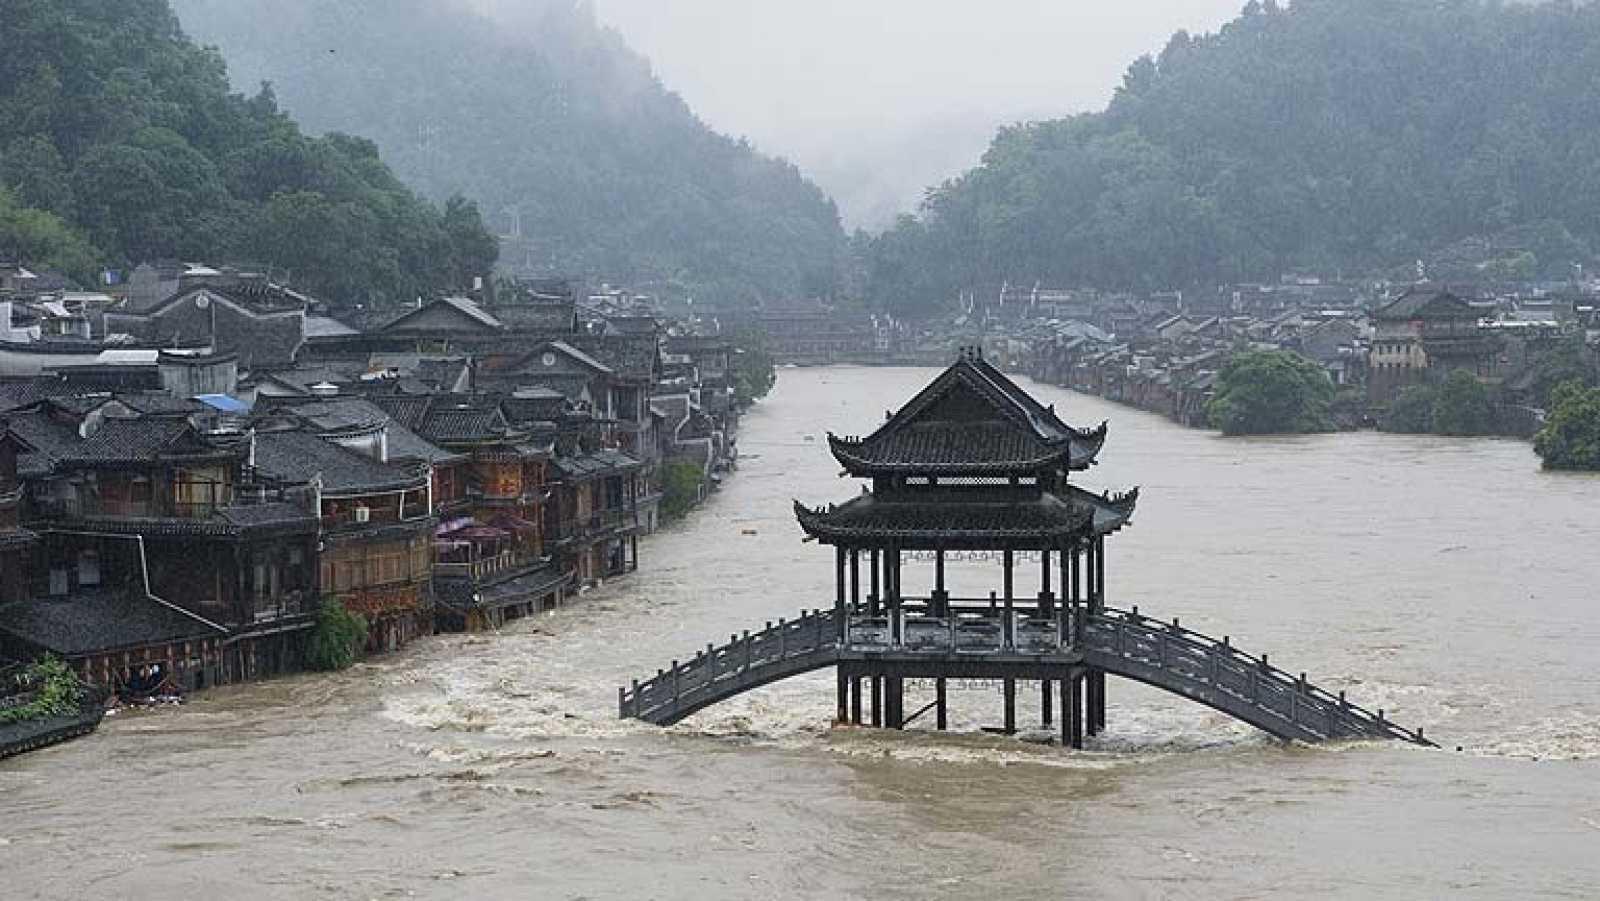 Inundaciones en el sur de China, que espera al tifón Rammasun tras su paso por Filipinas